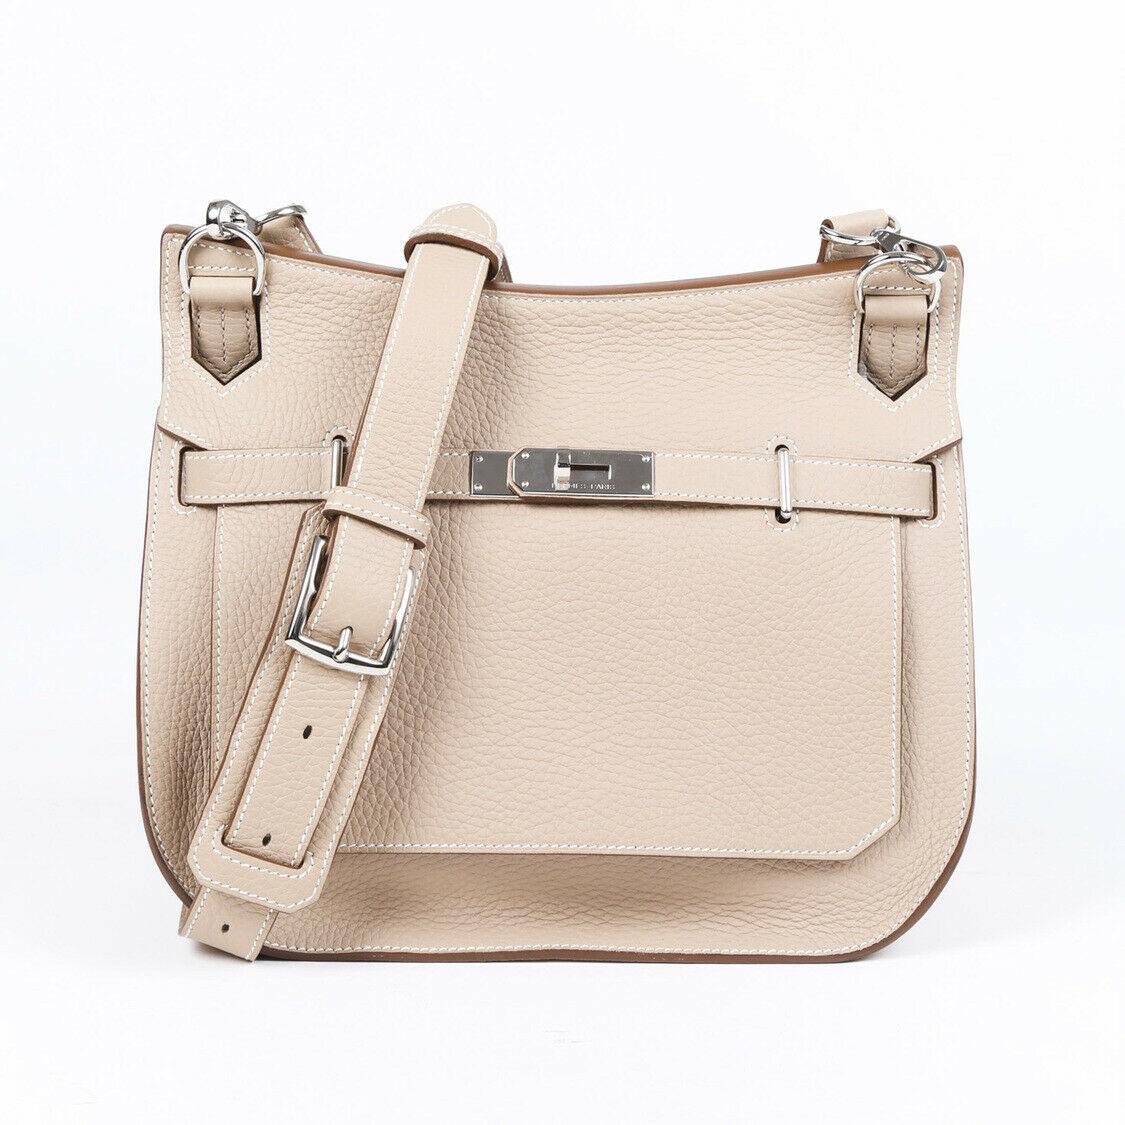 Hermes Jypsiere 28 Clemence Shoulder Bag